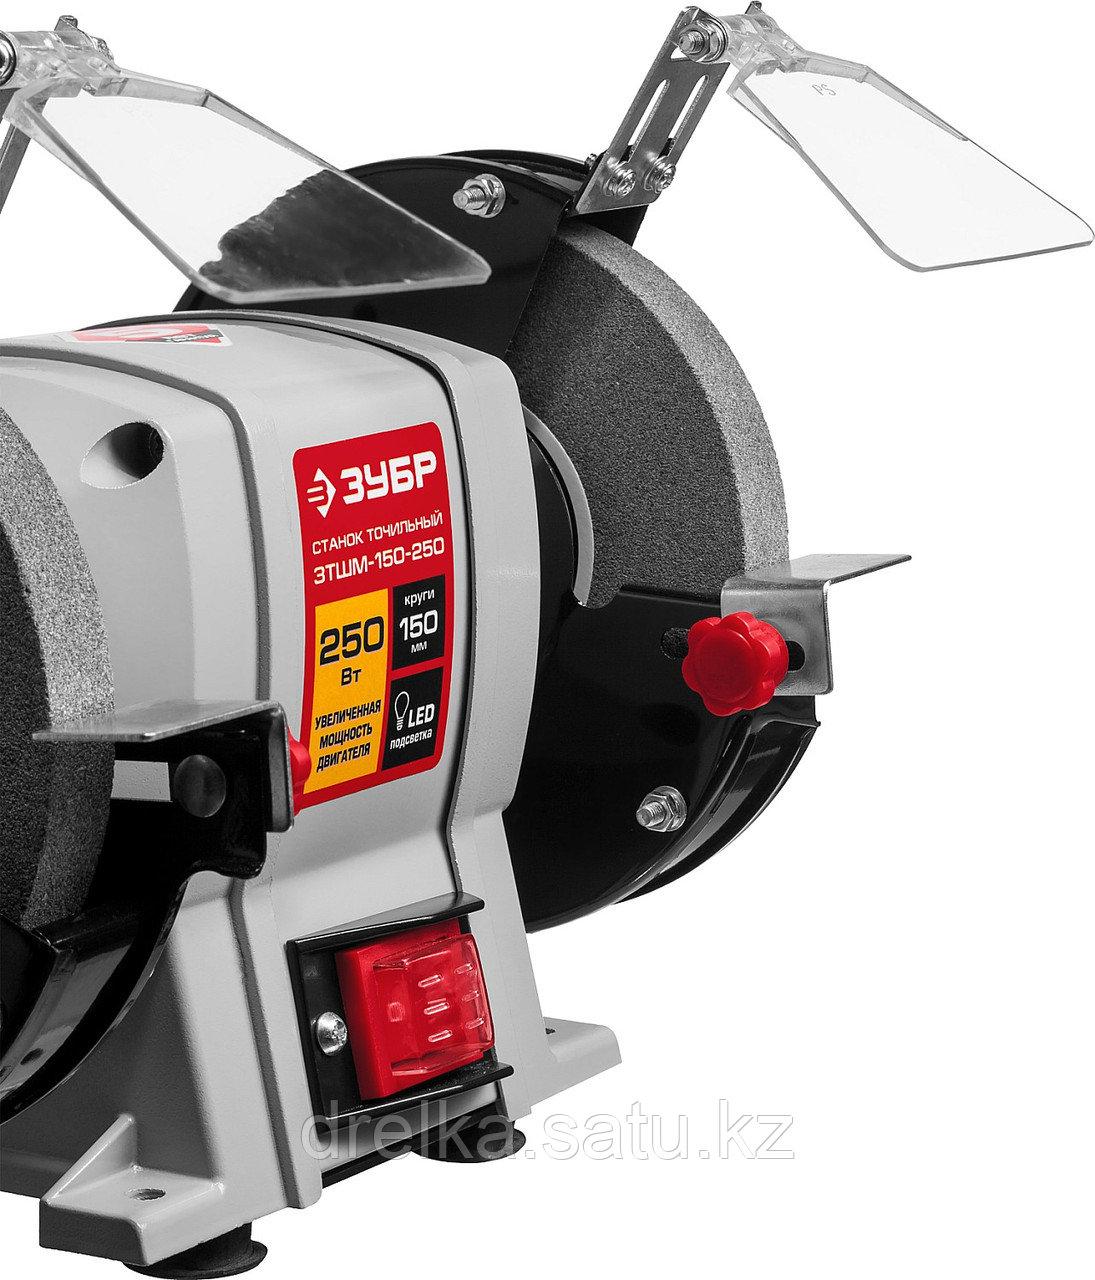 Станок точильный ЗУБР ЗТШМ-150-250, МАСТЕР, двойной, диск 150 х 20 х 32 мм, лампа подсветки, 250 Вт. - фото 3